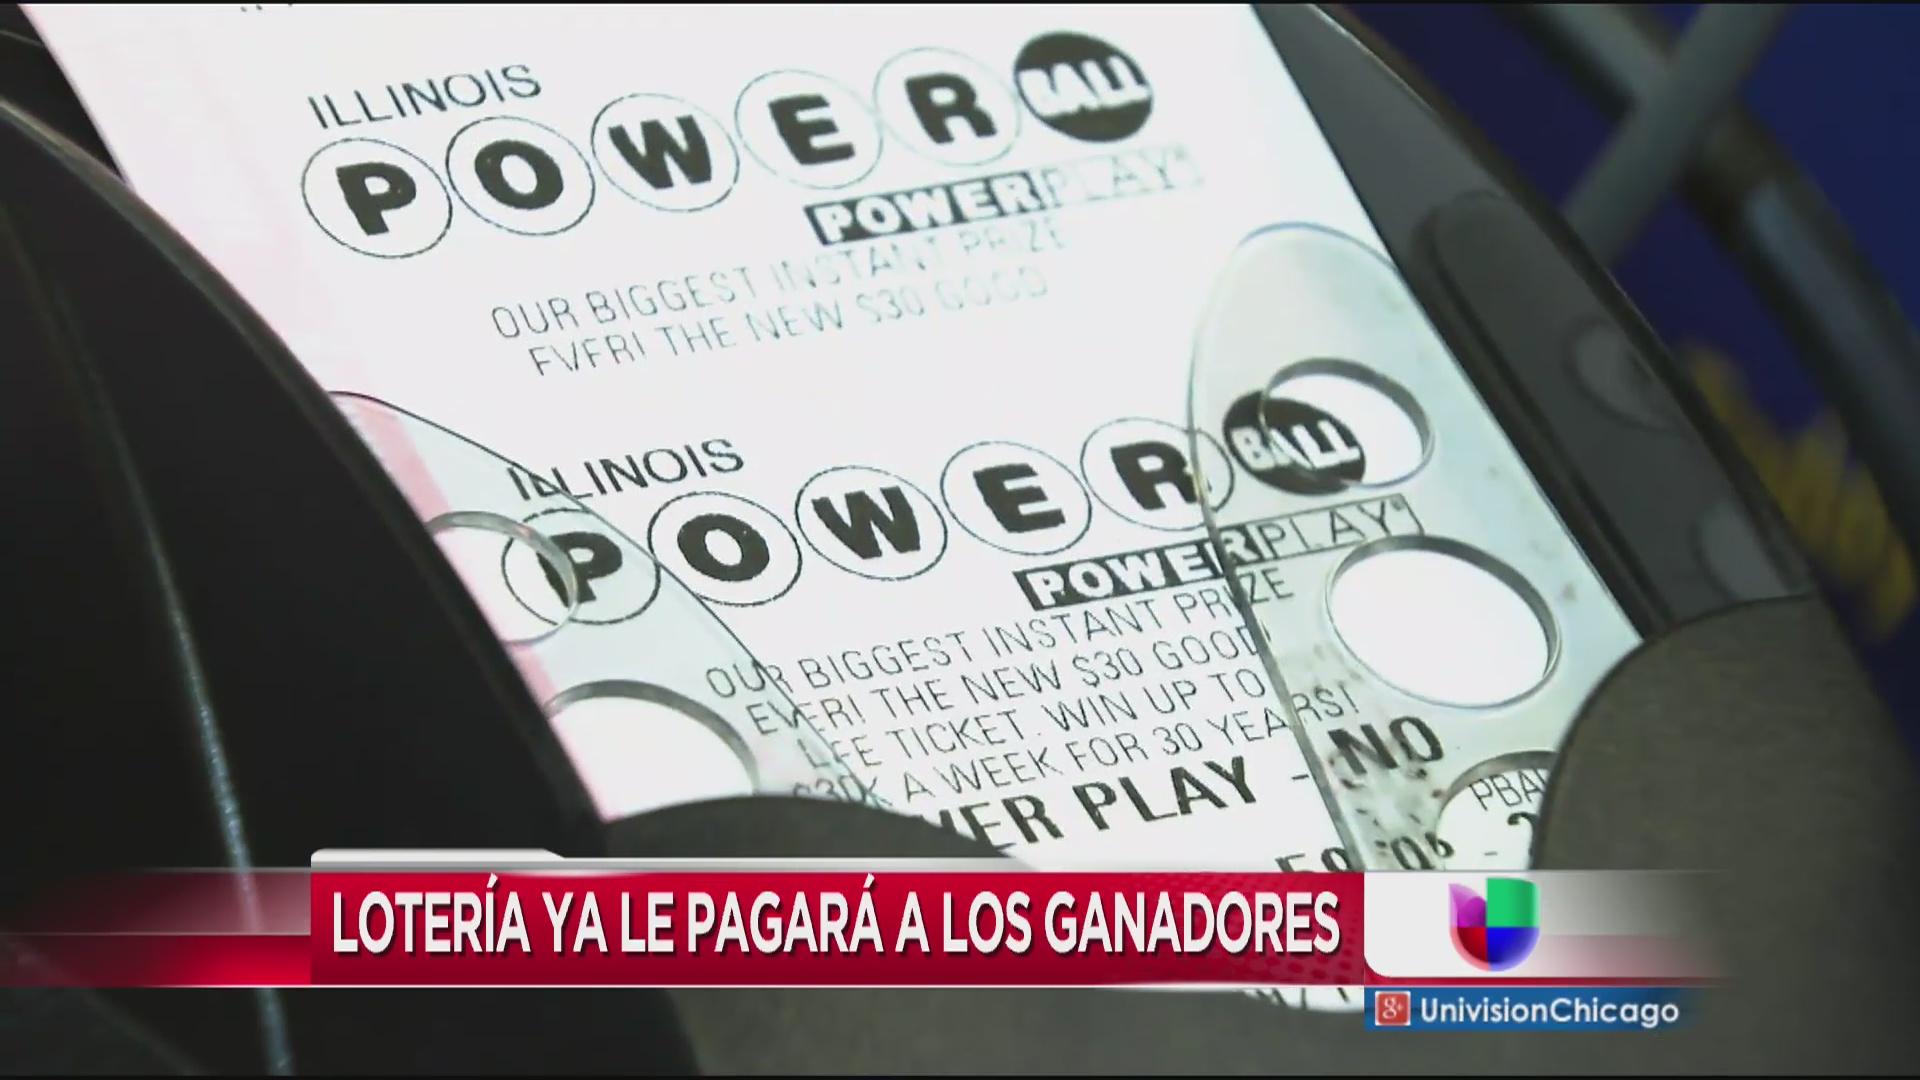 Anuncian que ya hay fondos para pagar a los ganadores de la lotería